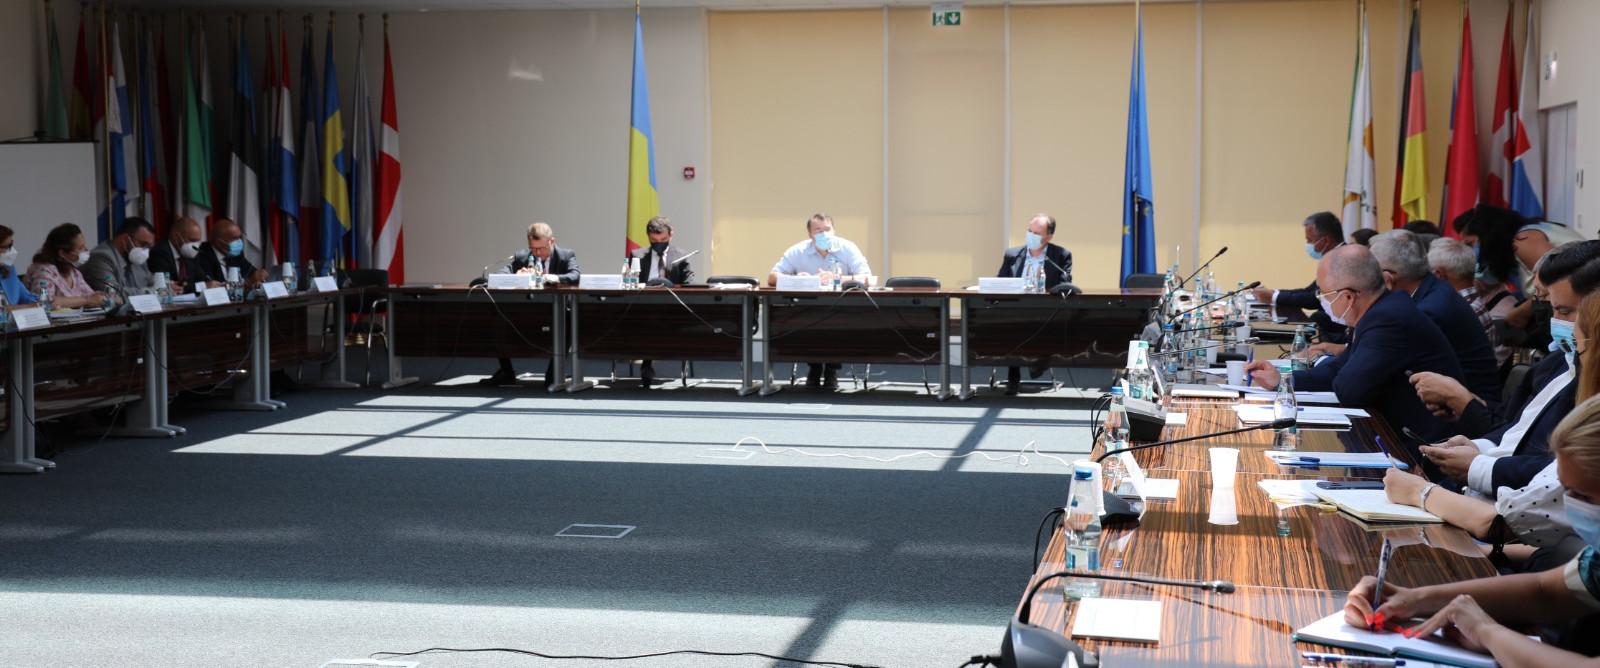 Întâlnire de lucru privind descentralizarea și gestionarea Programelor Operaționale Regionale